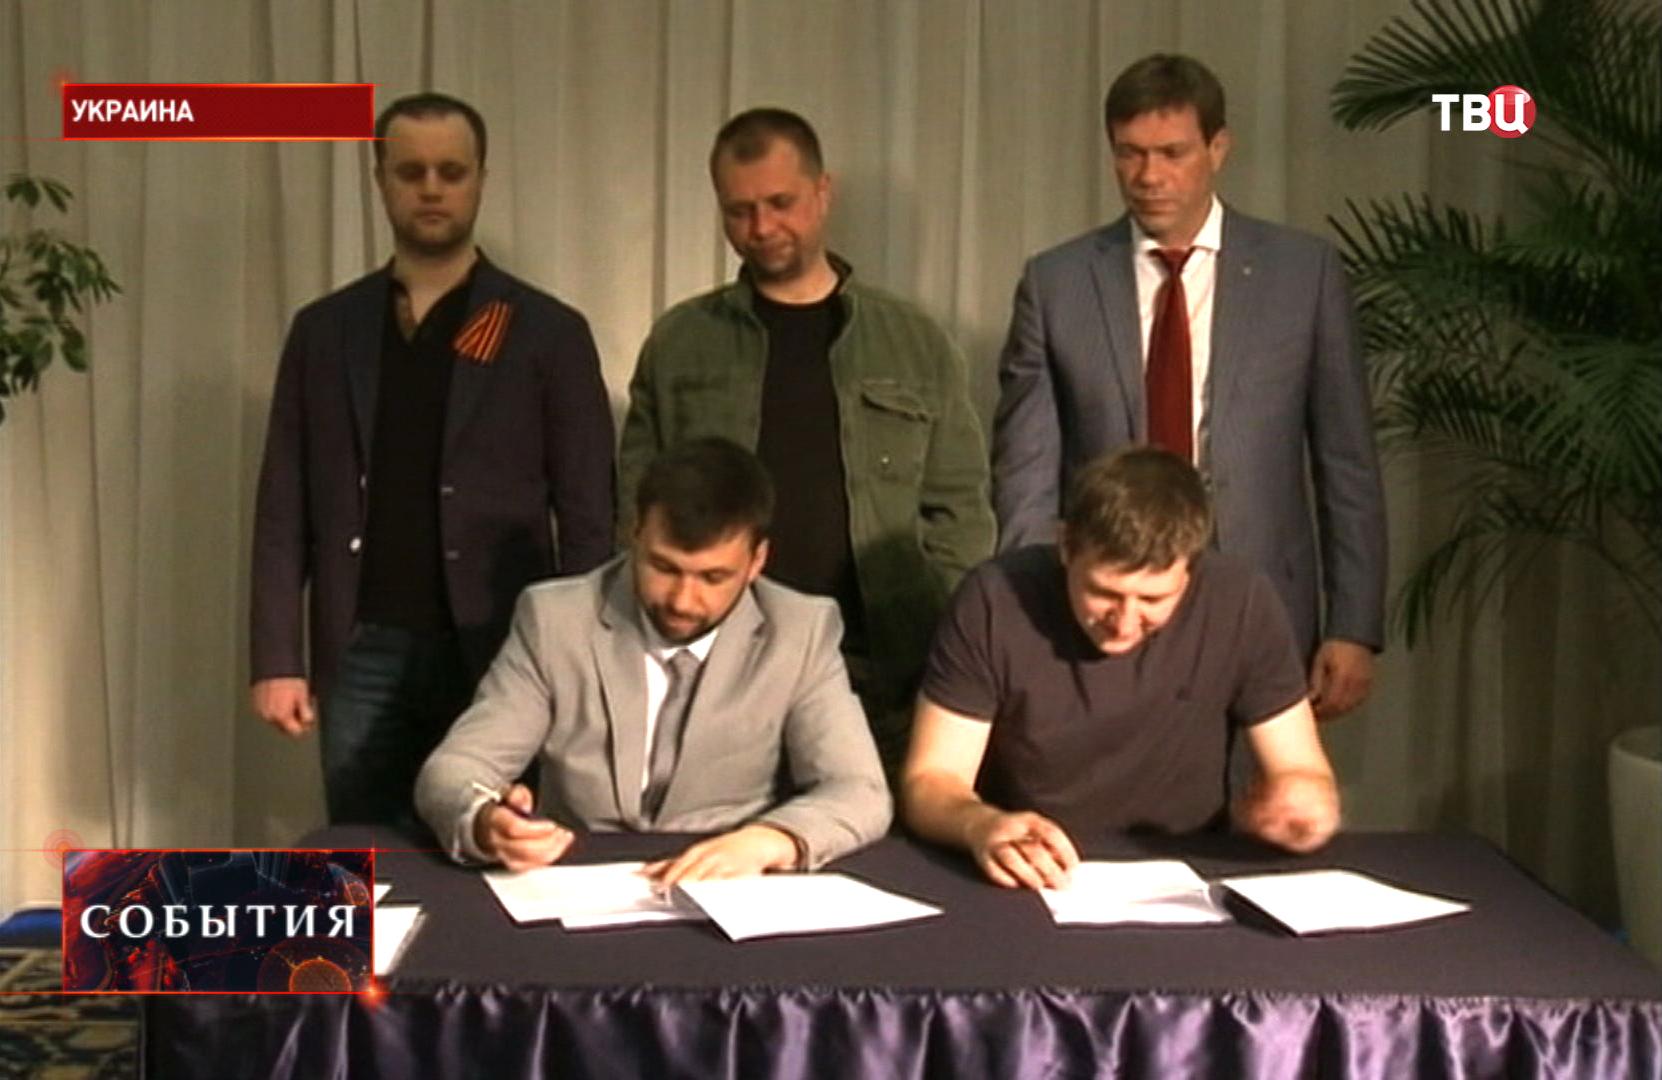 Руководство Донецкой и Луганской республик подписывают документы о создании республики